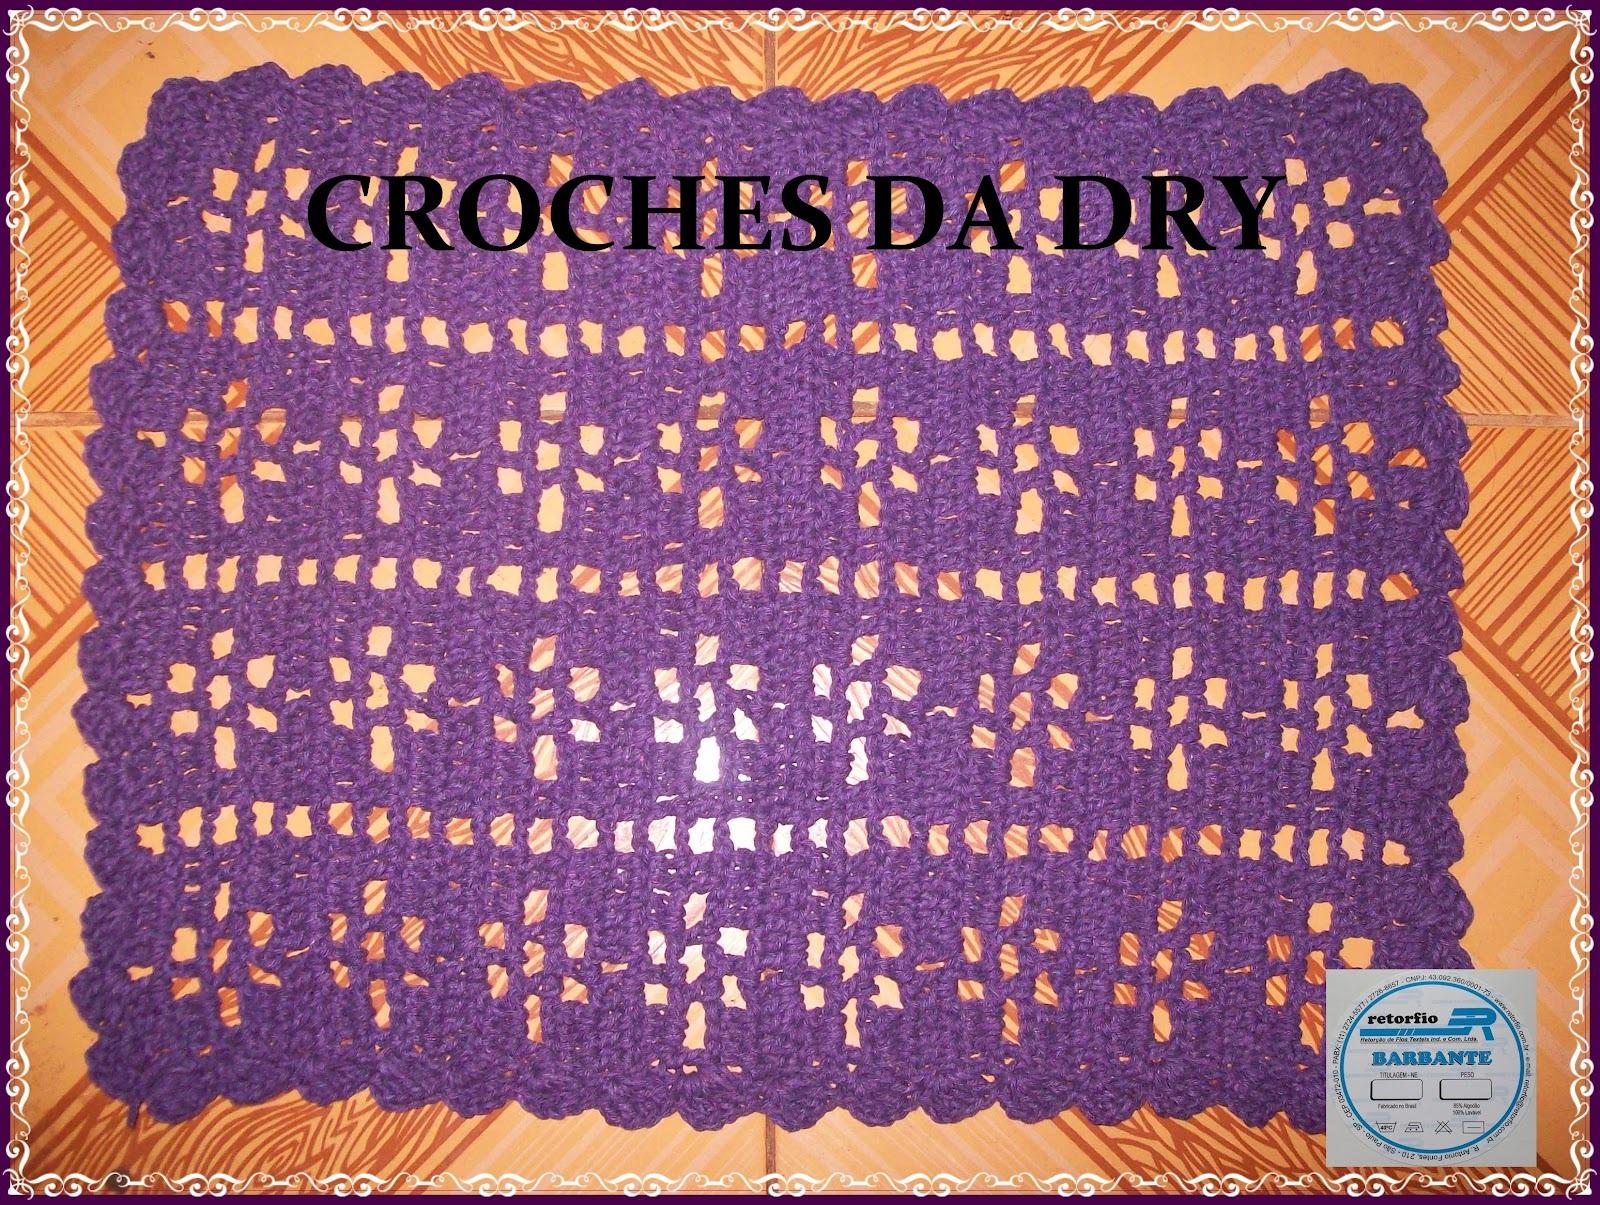 Tapete simples em crochê  Croches por encomendas  Elo7 -> Tapete Para Banheiro Croche Simples